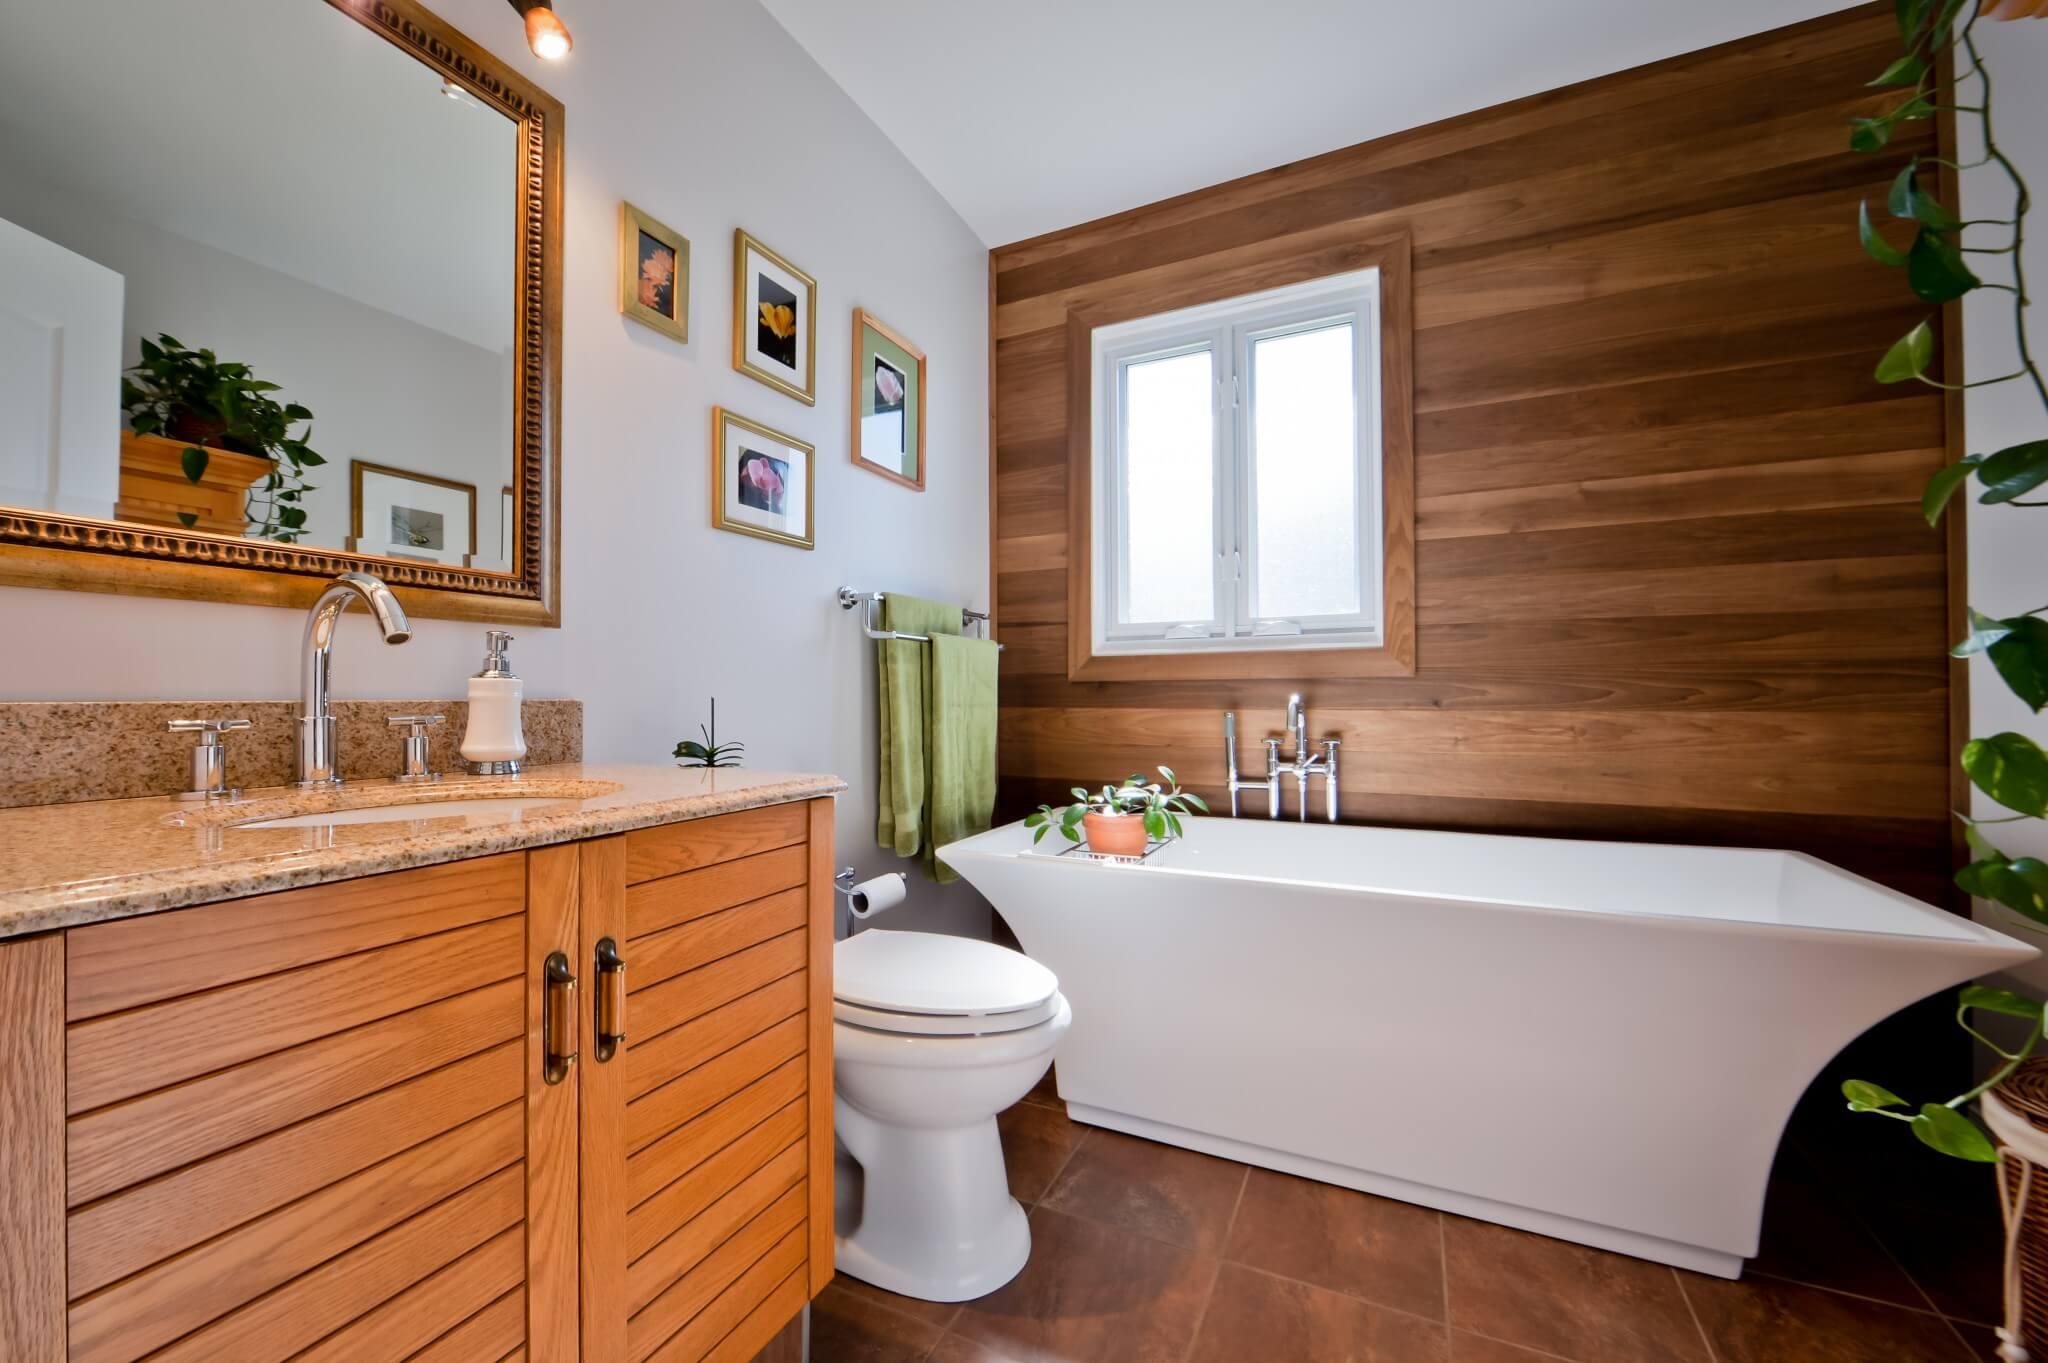 vanite de bois salle de bain